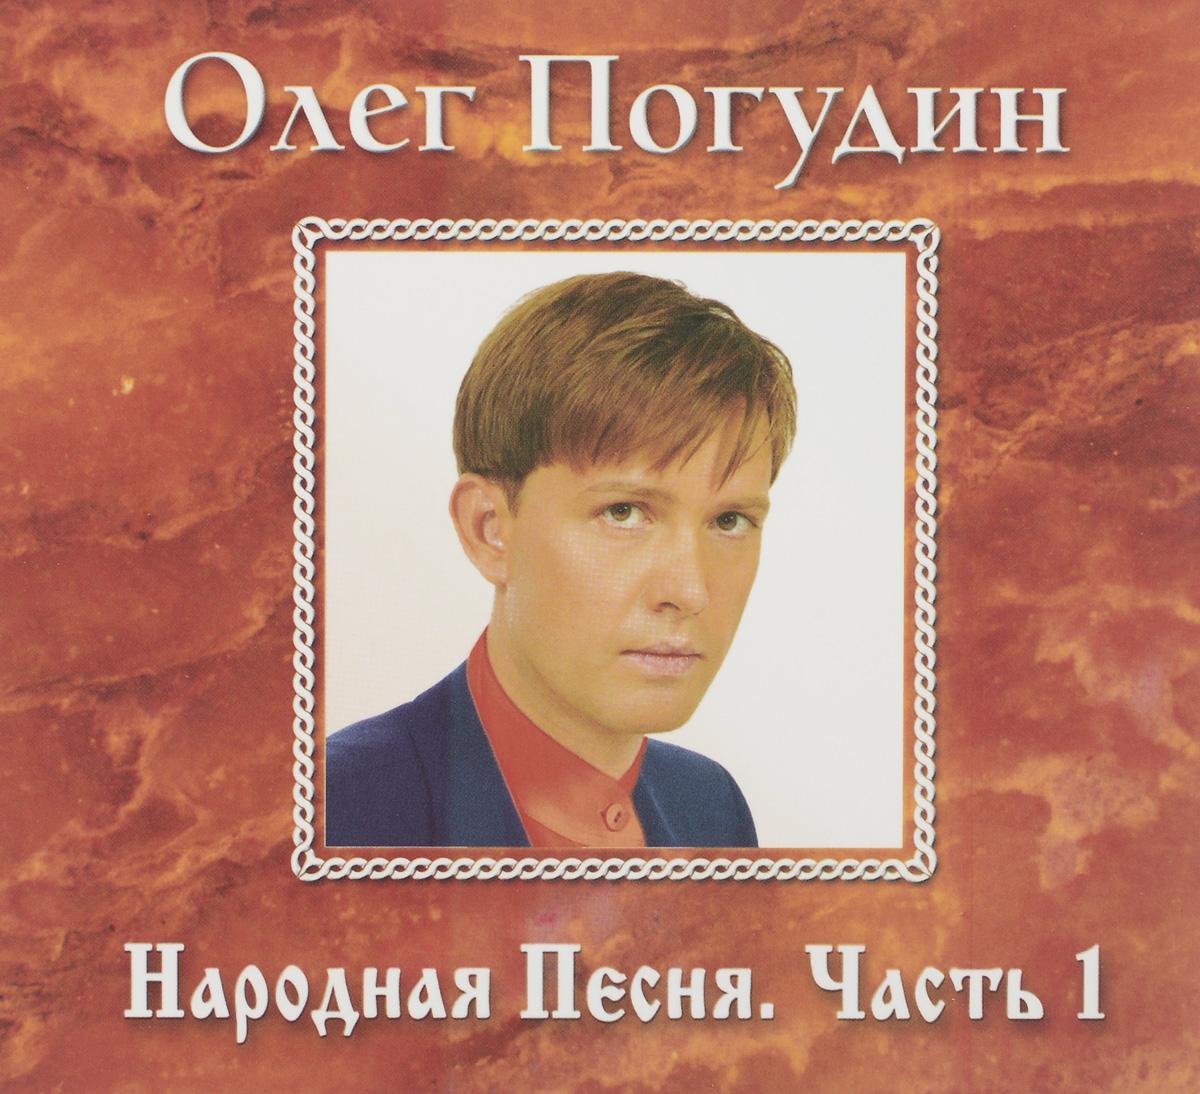 Zakazat.ru: Олег Погудин. Народная песня. Часть 1